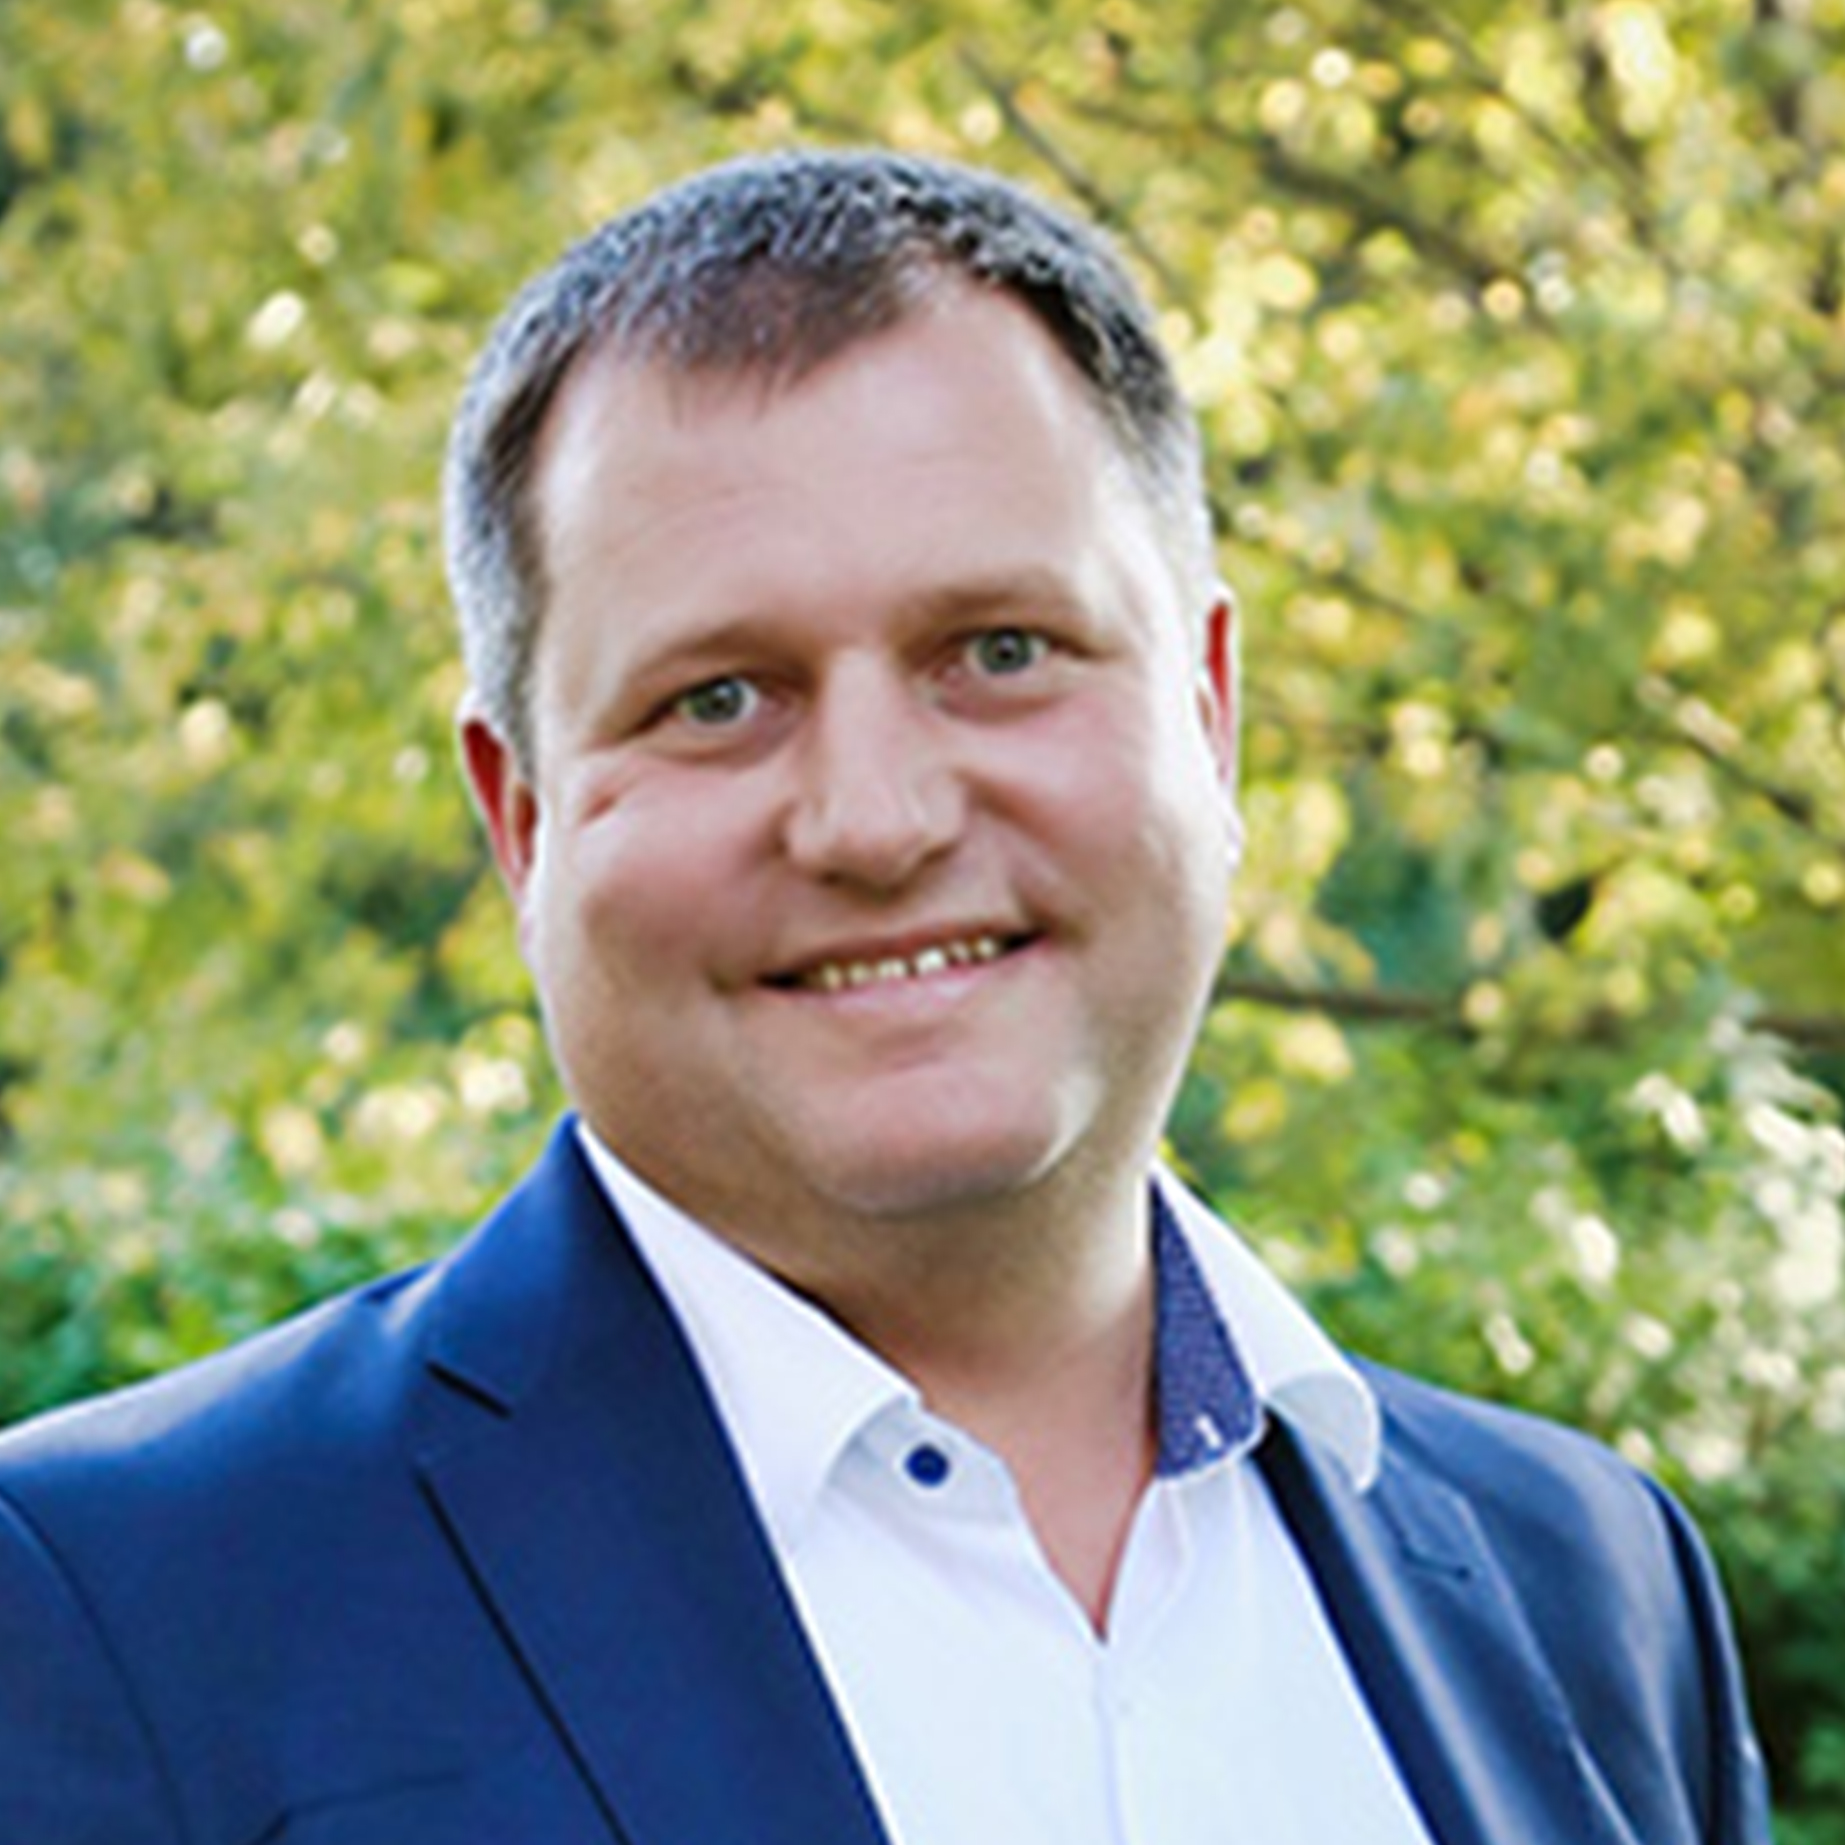 Christoph Resch